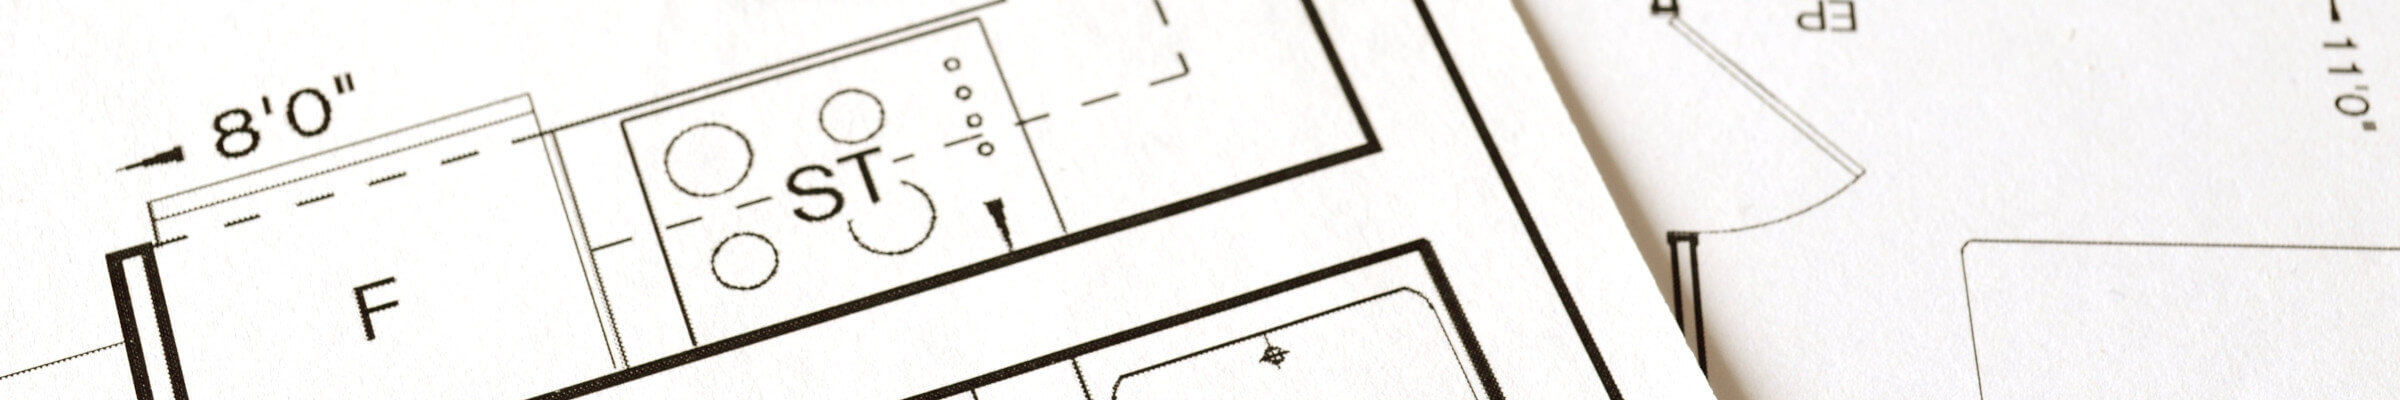 Grundrisspläne TGA Planungsbüro